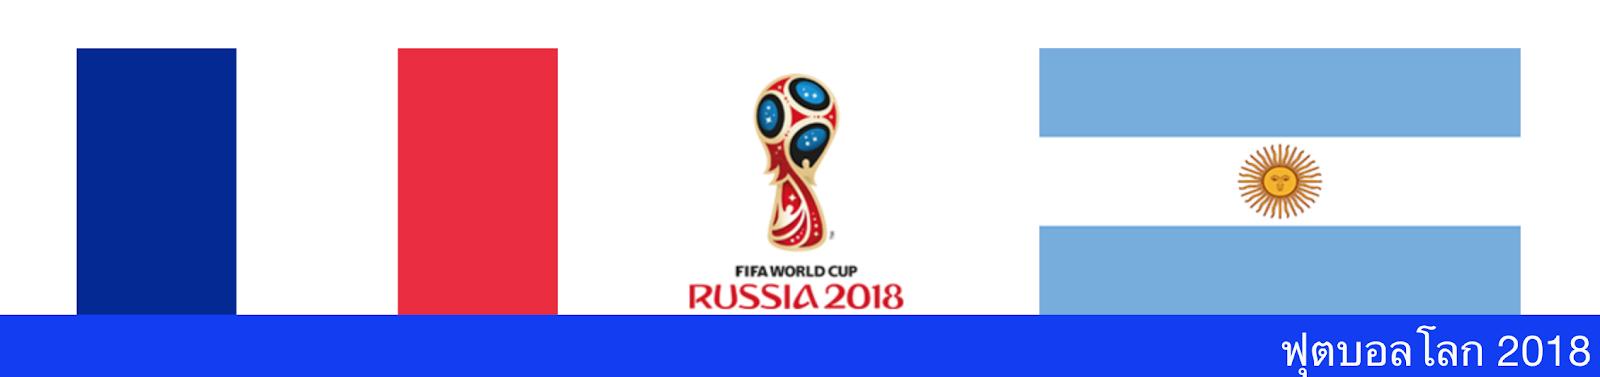 ดูบอลสด วิเคราะห์บอล ฟุตบอลโลก 2018 ระหว่าง ฝรั่งเศส vs อาร์เจนติน่า